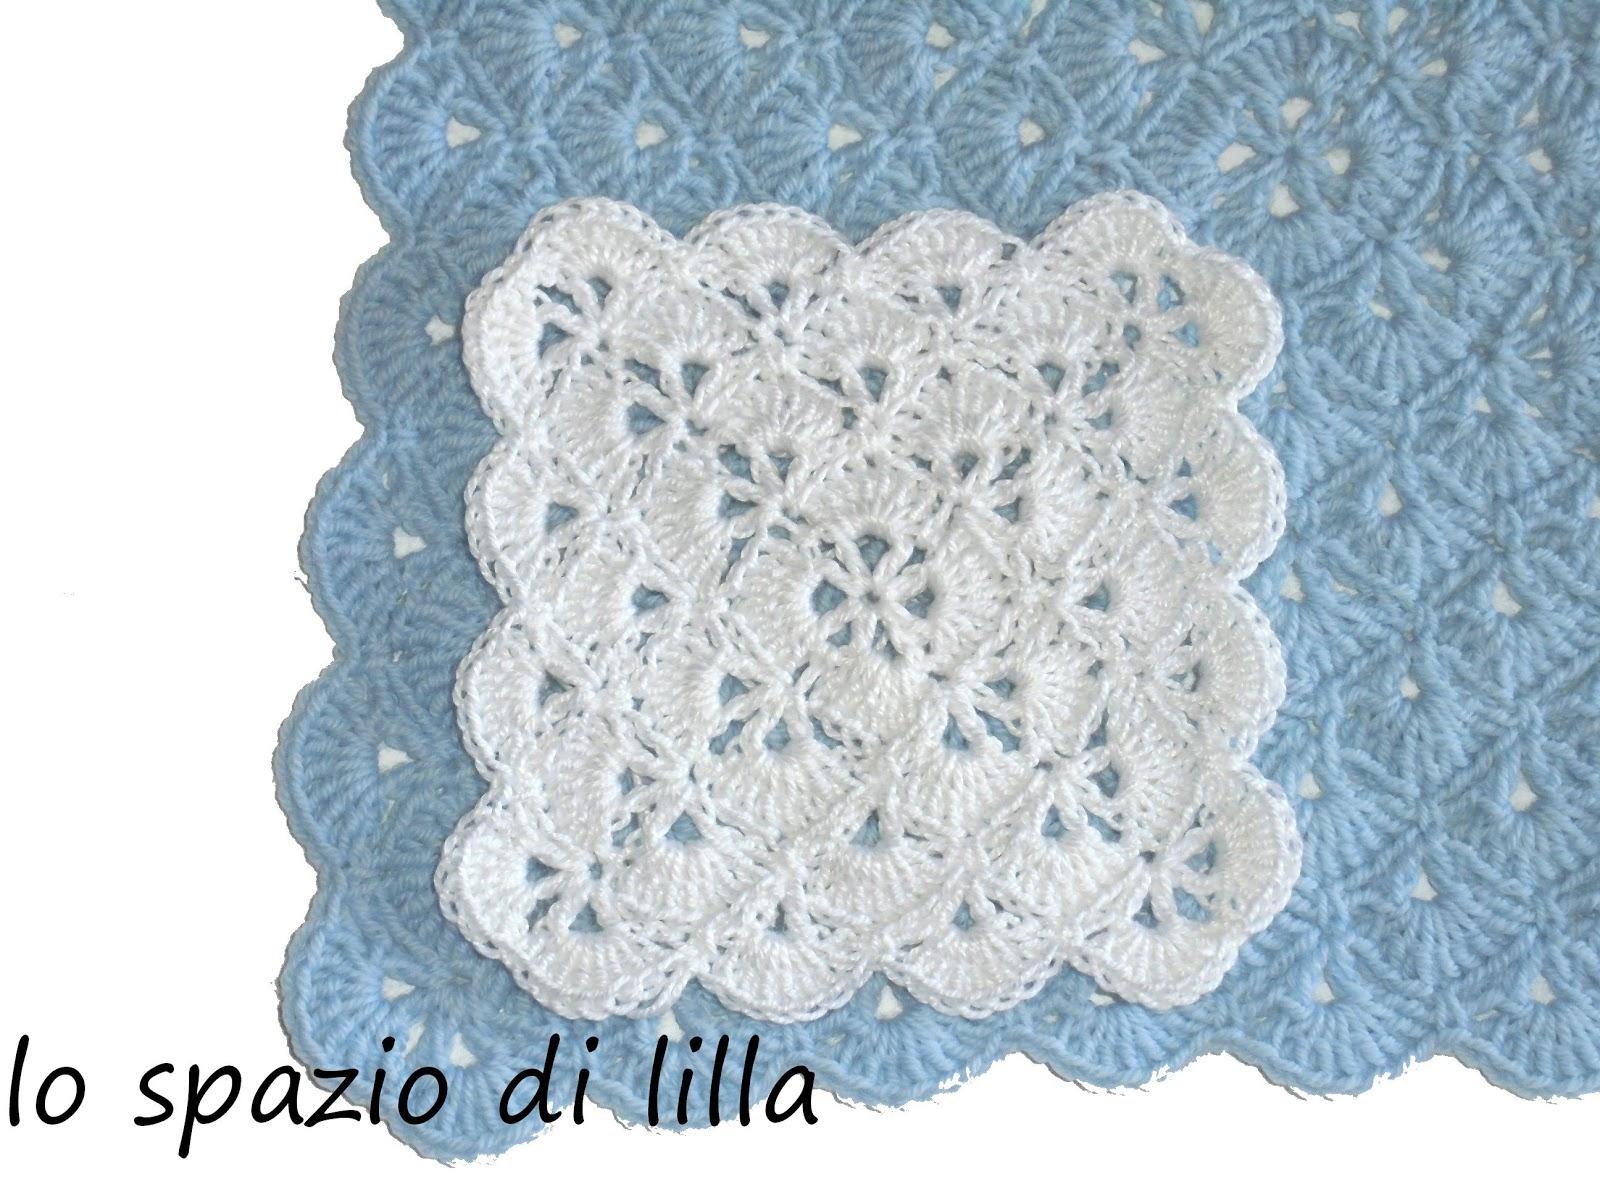 Lo spazio di lilla facciamo insieme la piastrella for Lo spazio di lilla copertine neonato